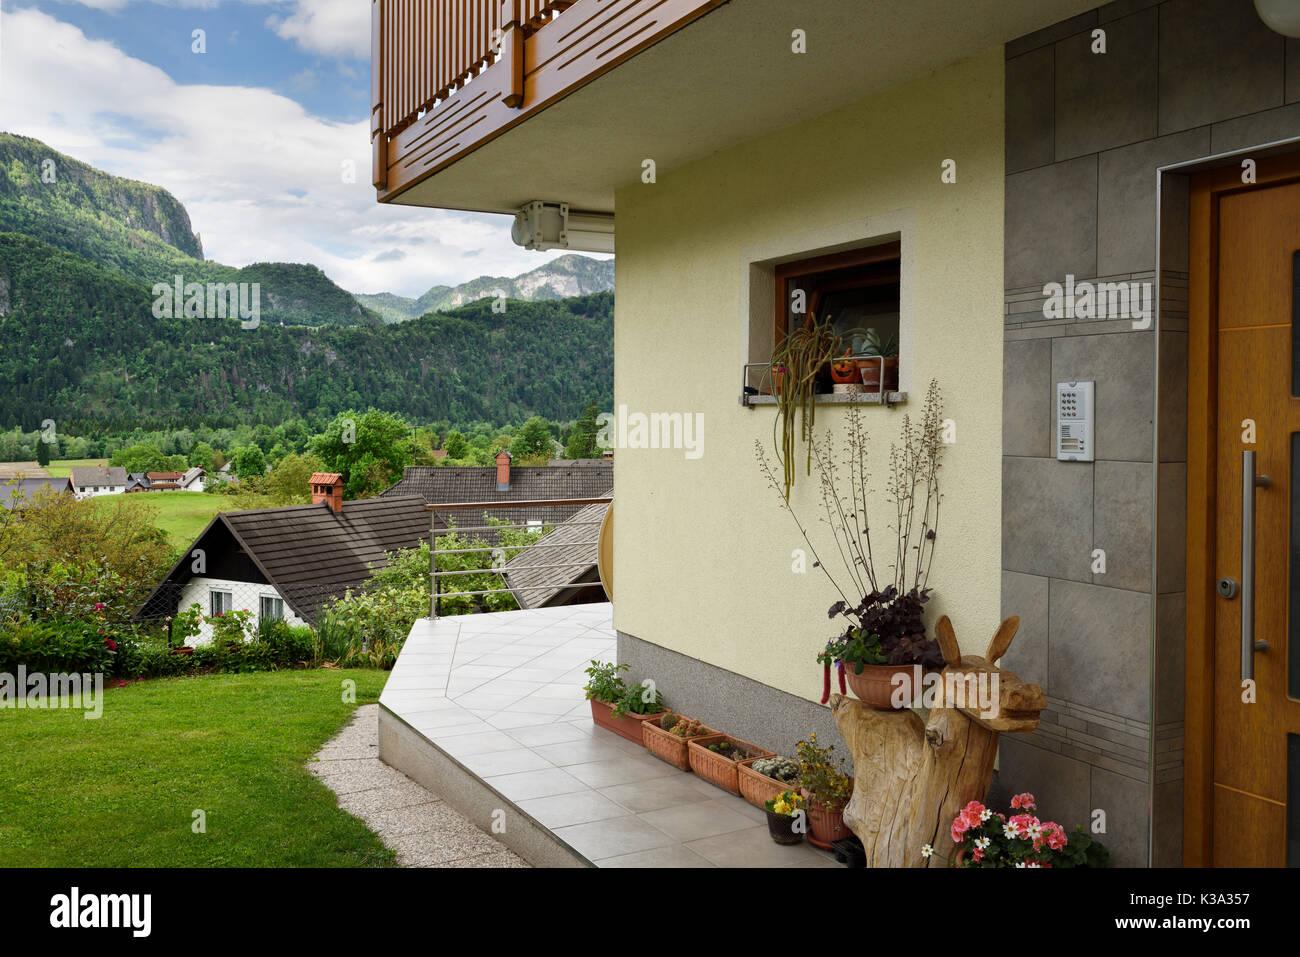 architecture moderne maison alpine en région montagneuse dans la